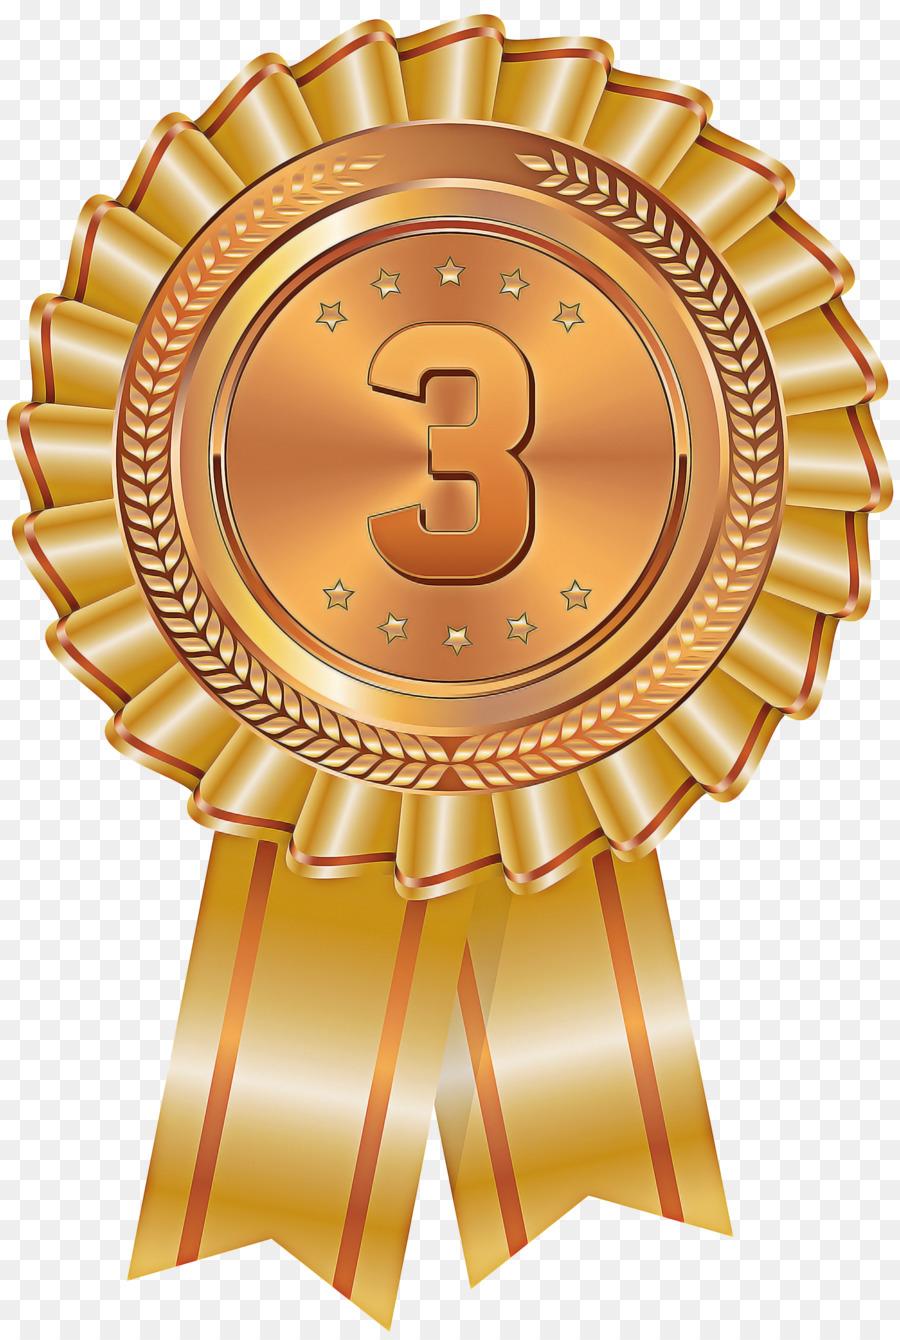 медали золото серебро бронза картинки в хорошем качестве анализа называется лейкограмма